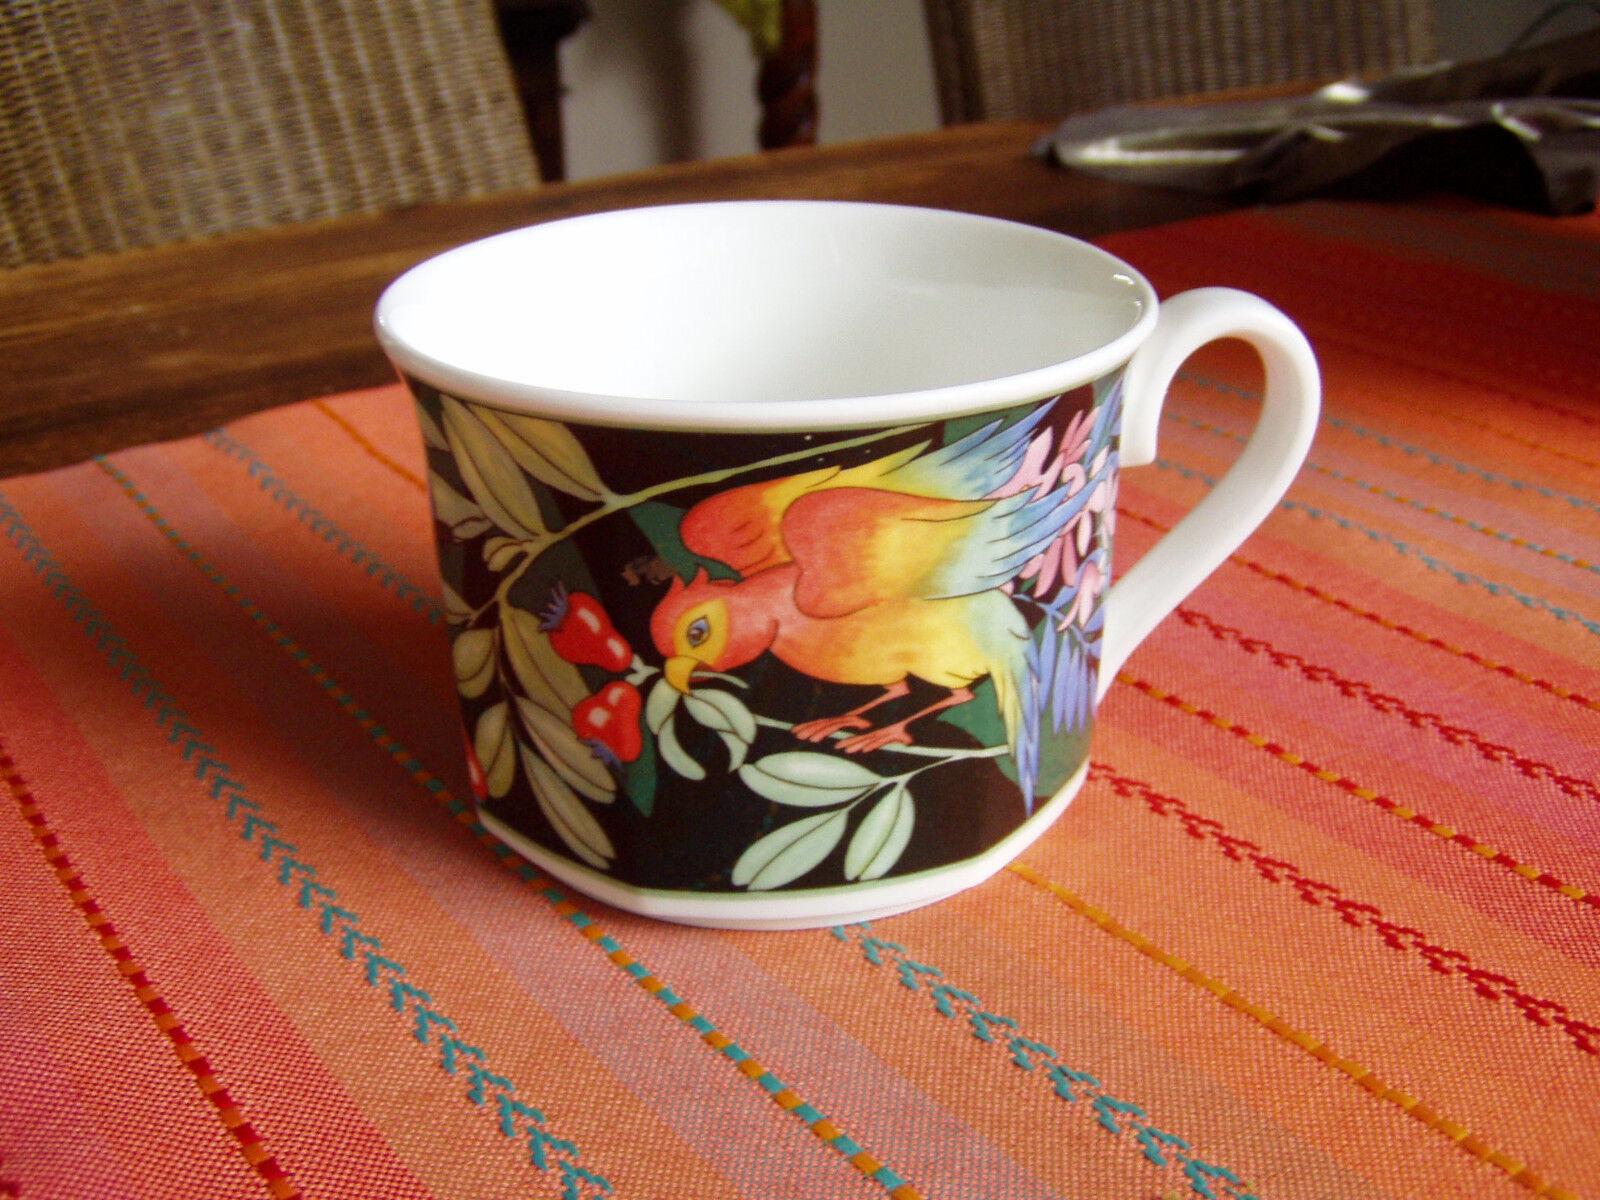 V&b Serengeti petit-déjeuner tasse Lait Café Sans Soucoupe VILLEROY & BOCH plus